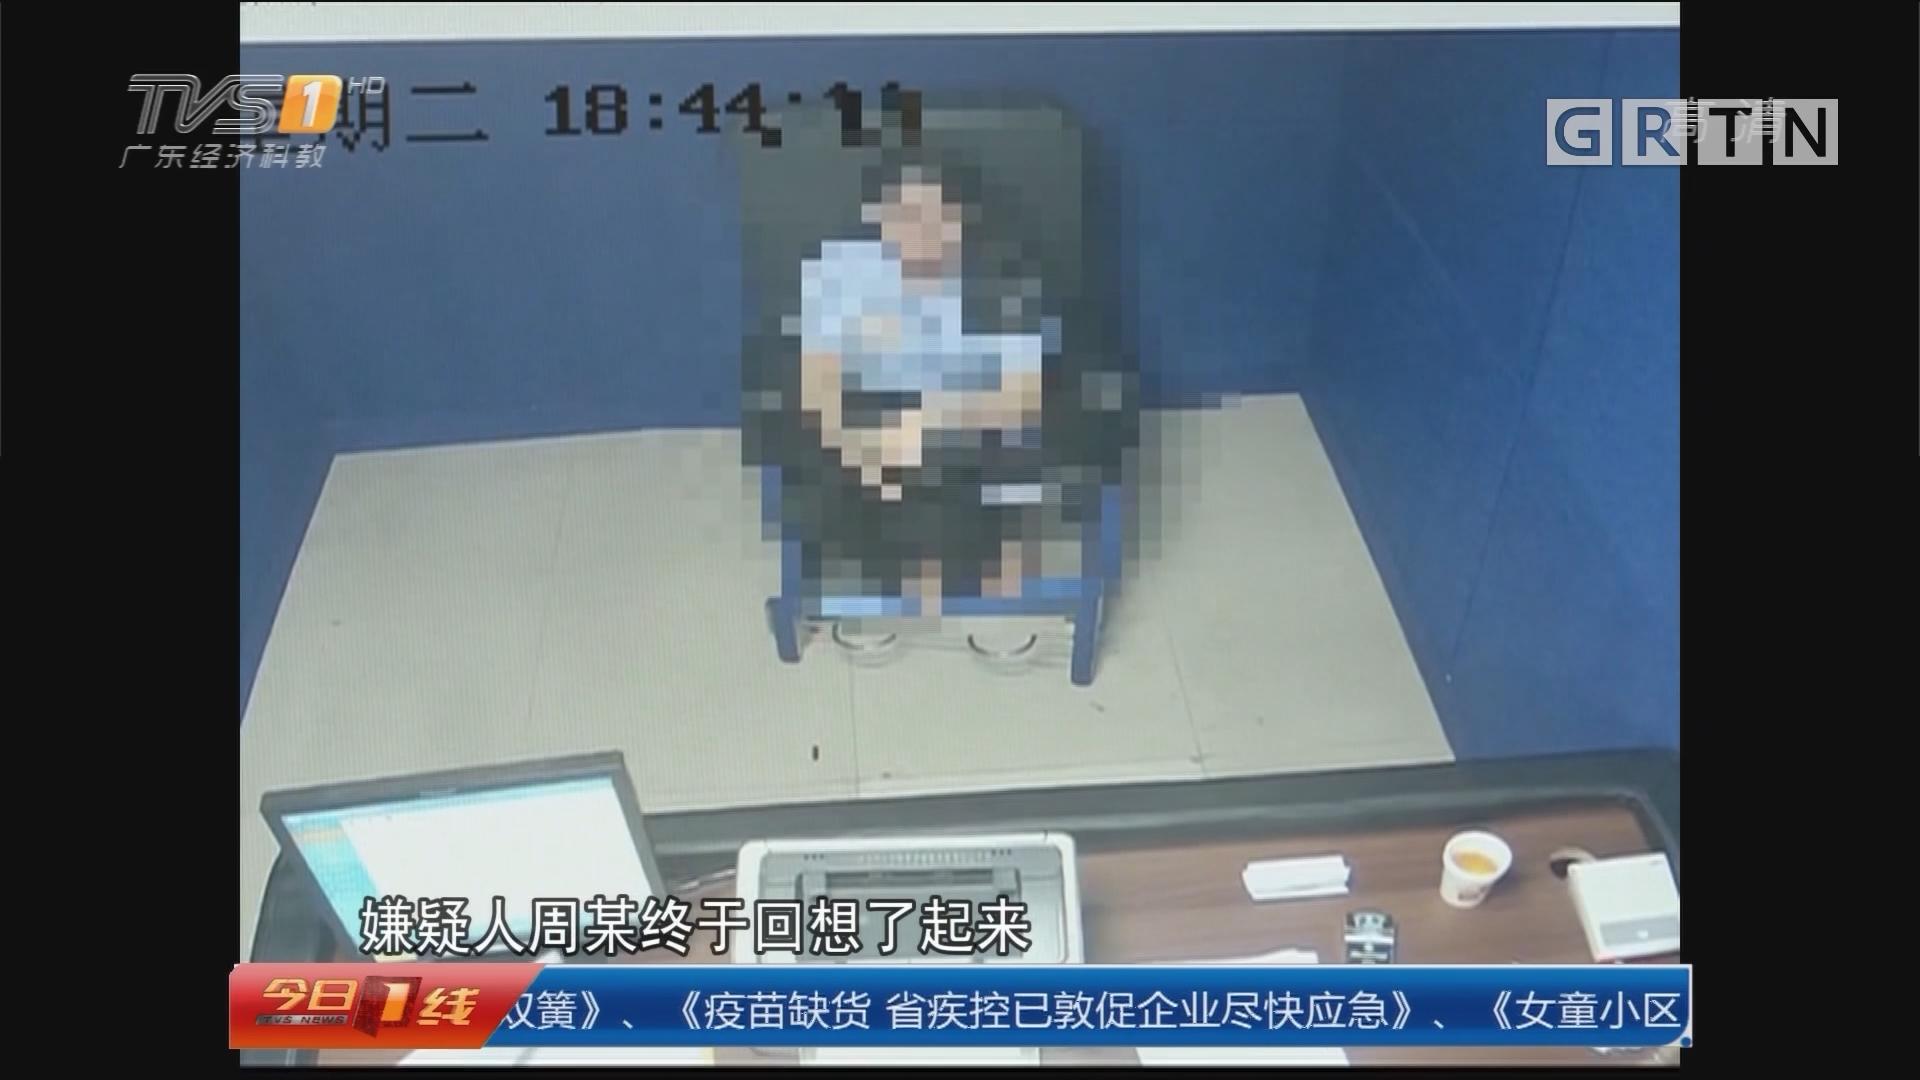 深圳:女子借酒浇愁 划花10多部车被刑拘